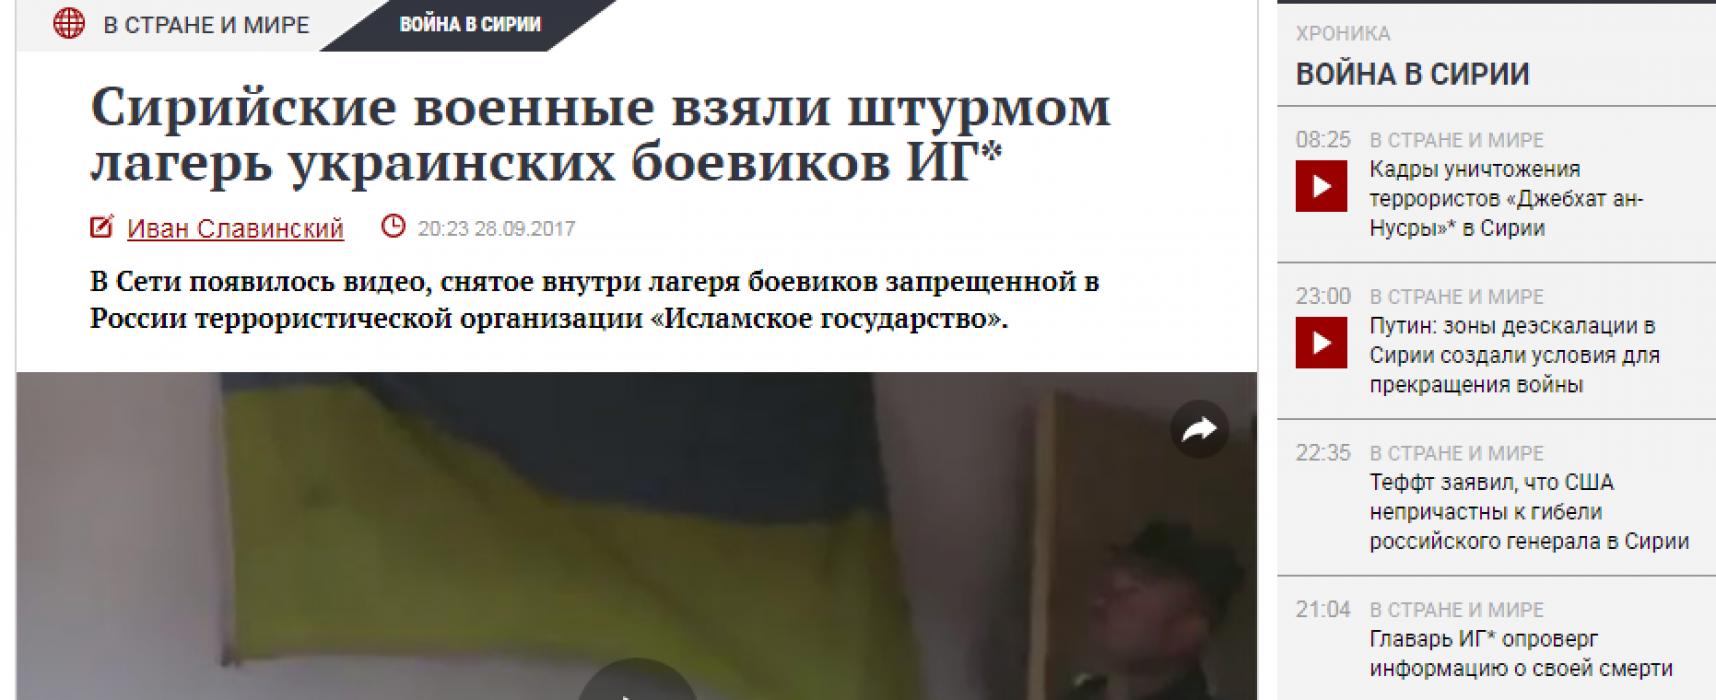 Fejk: Żołnierze armii syryjskiej zdobyli obóz ukraińskich bojówkarzy Państwa Islamskiego